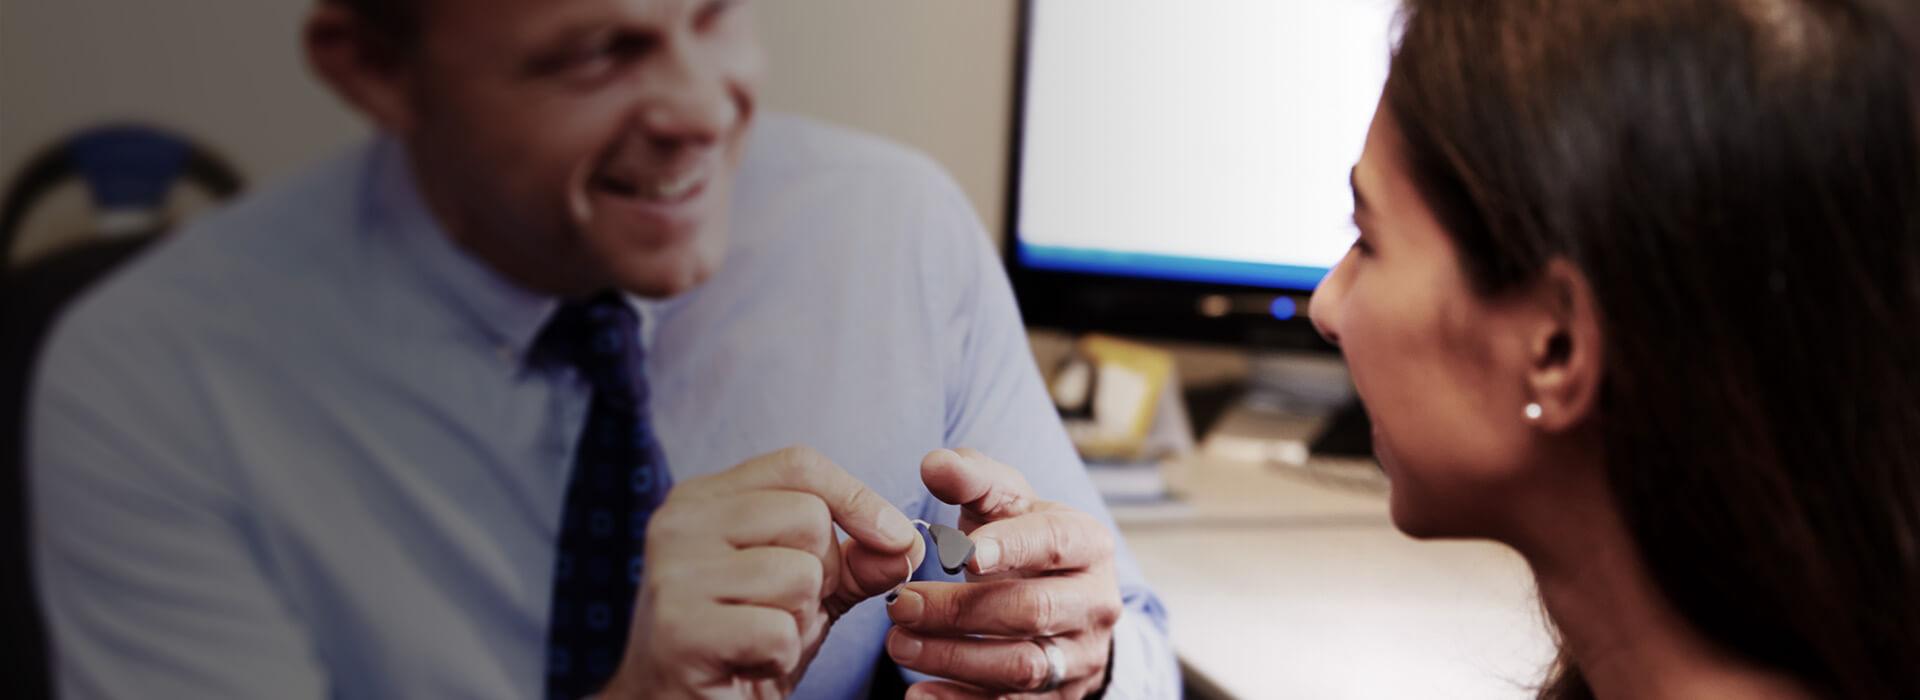 Un audioprotesista mostra ad una giovane donna l'apparecchio acustico